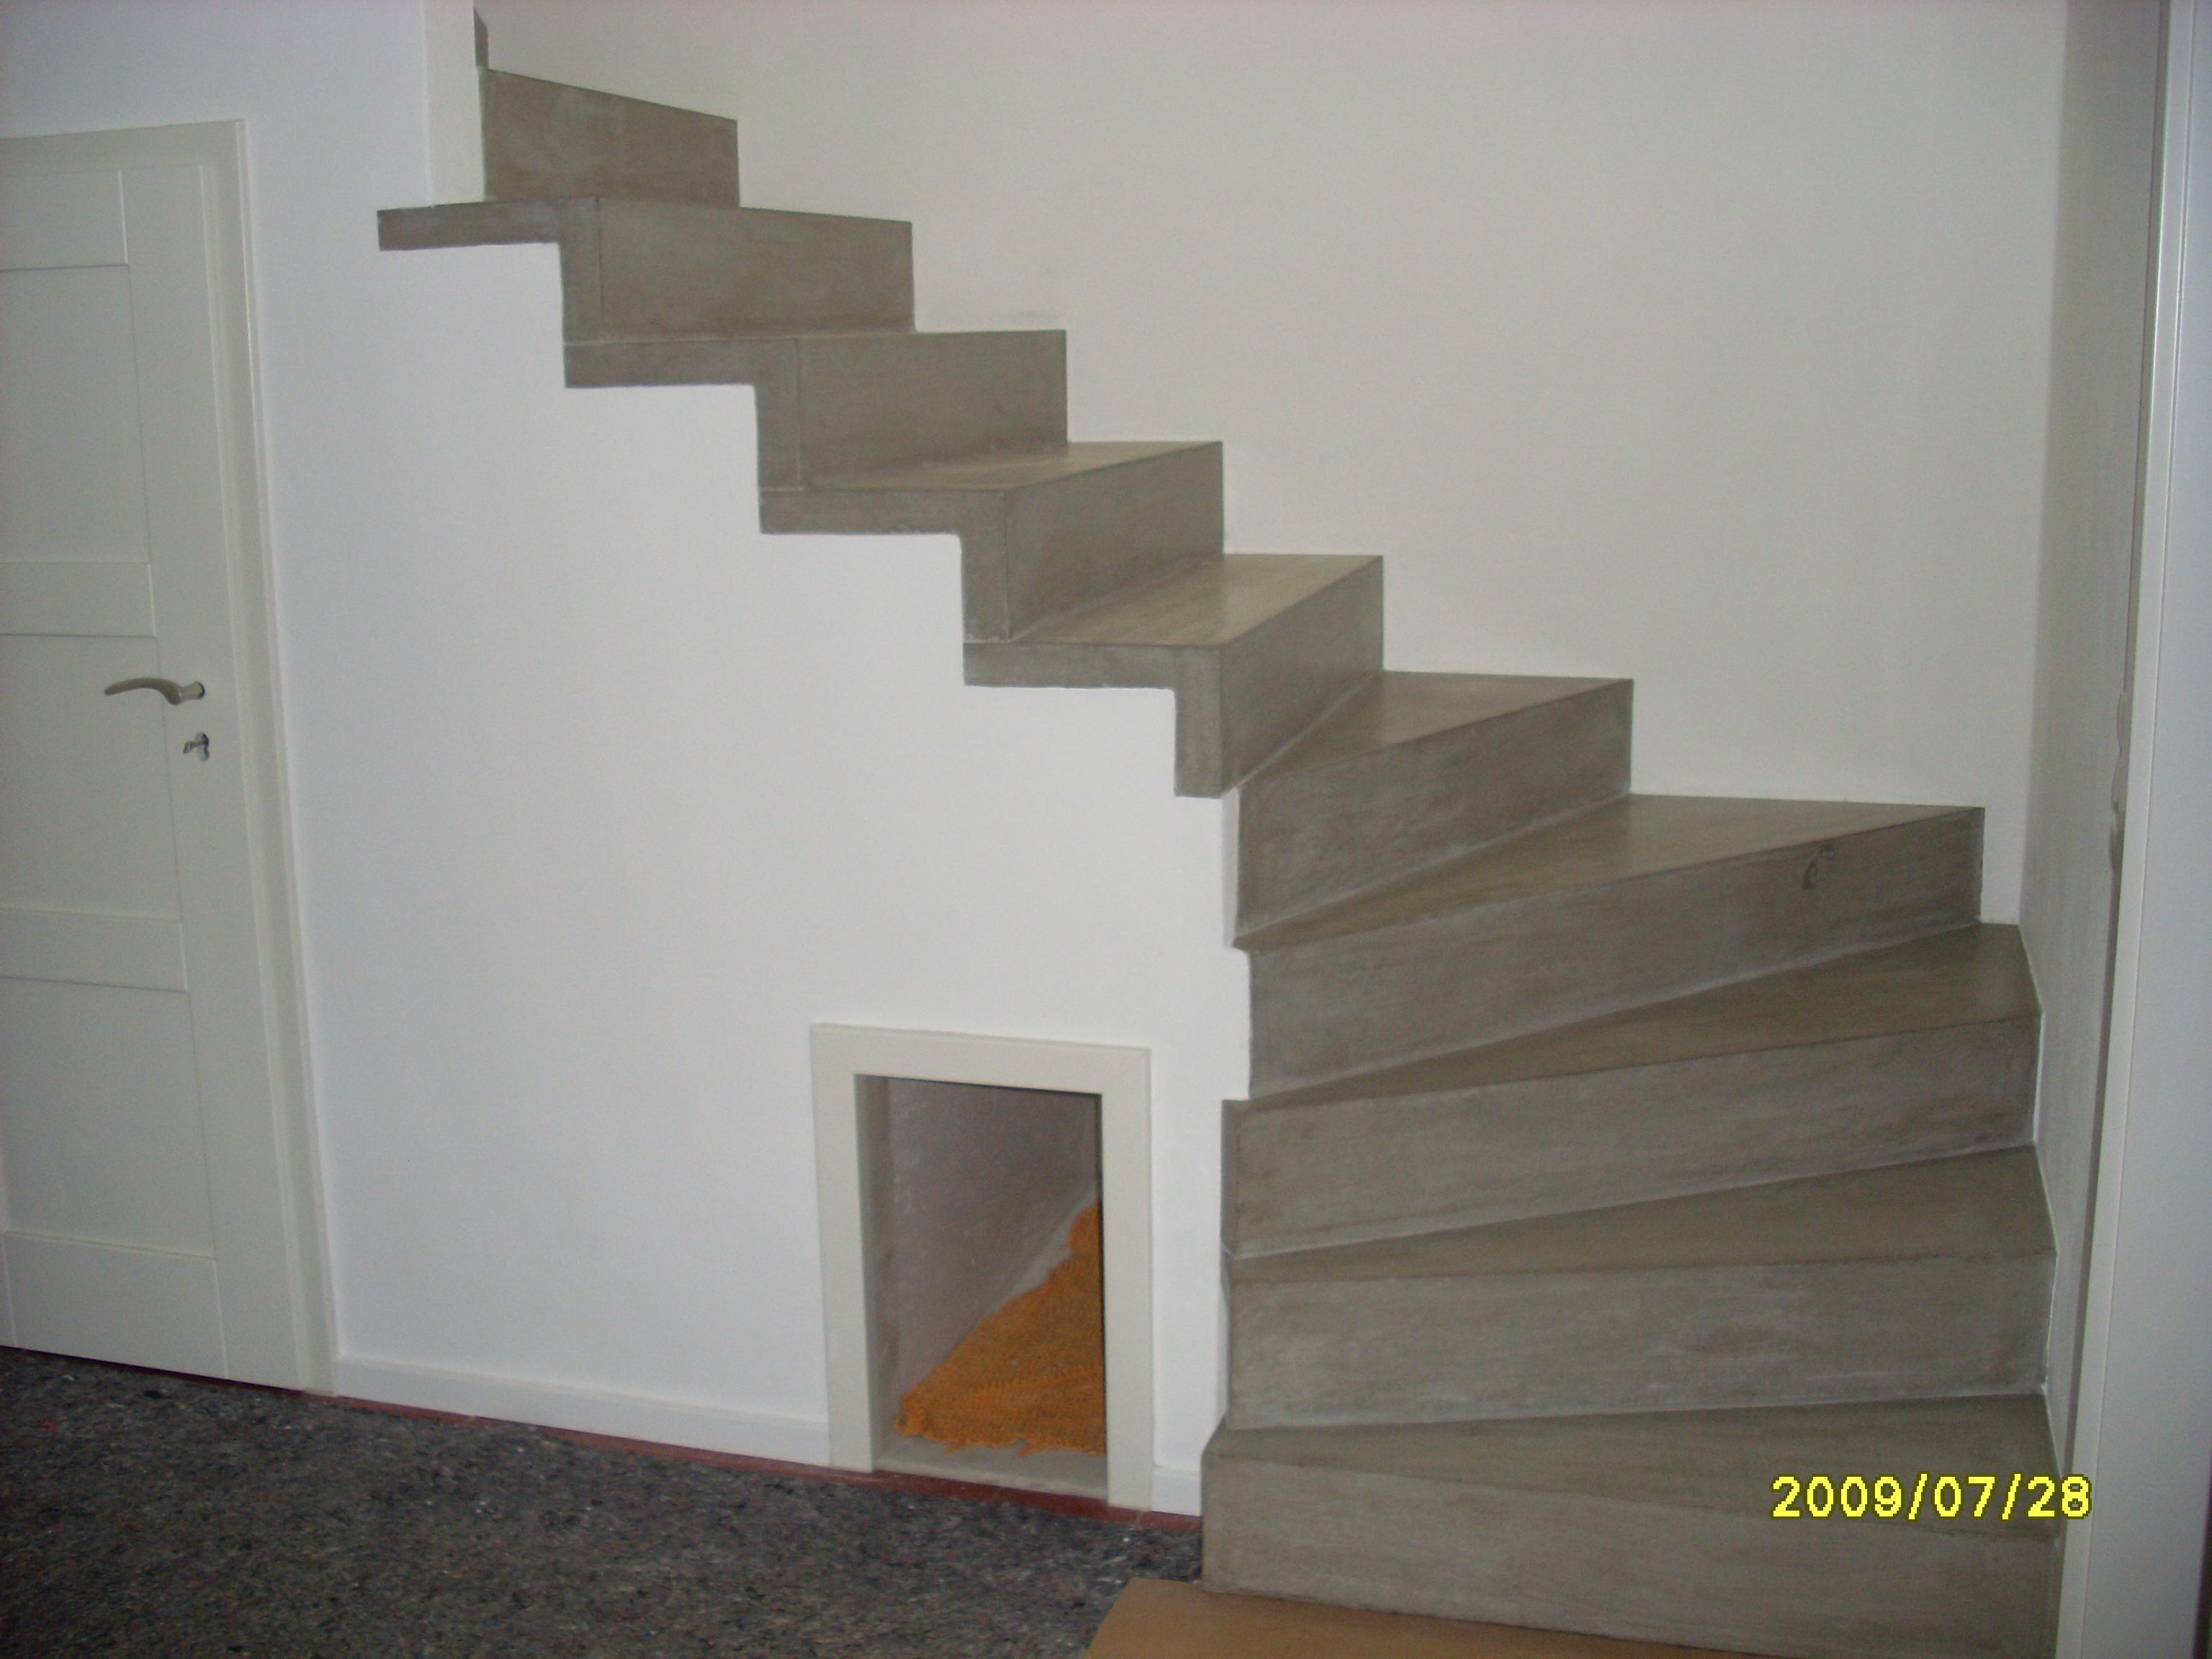 bodenbelag cape bauunternehmung k ln bauunternehmung. Black Bedroom Furniture Sets. Home Design Ideas